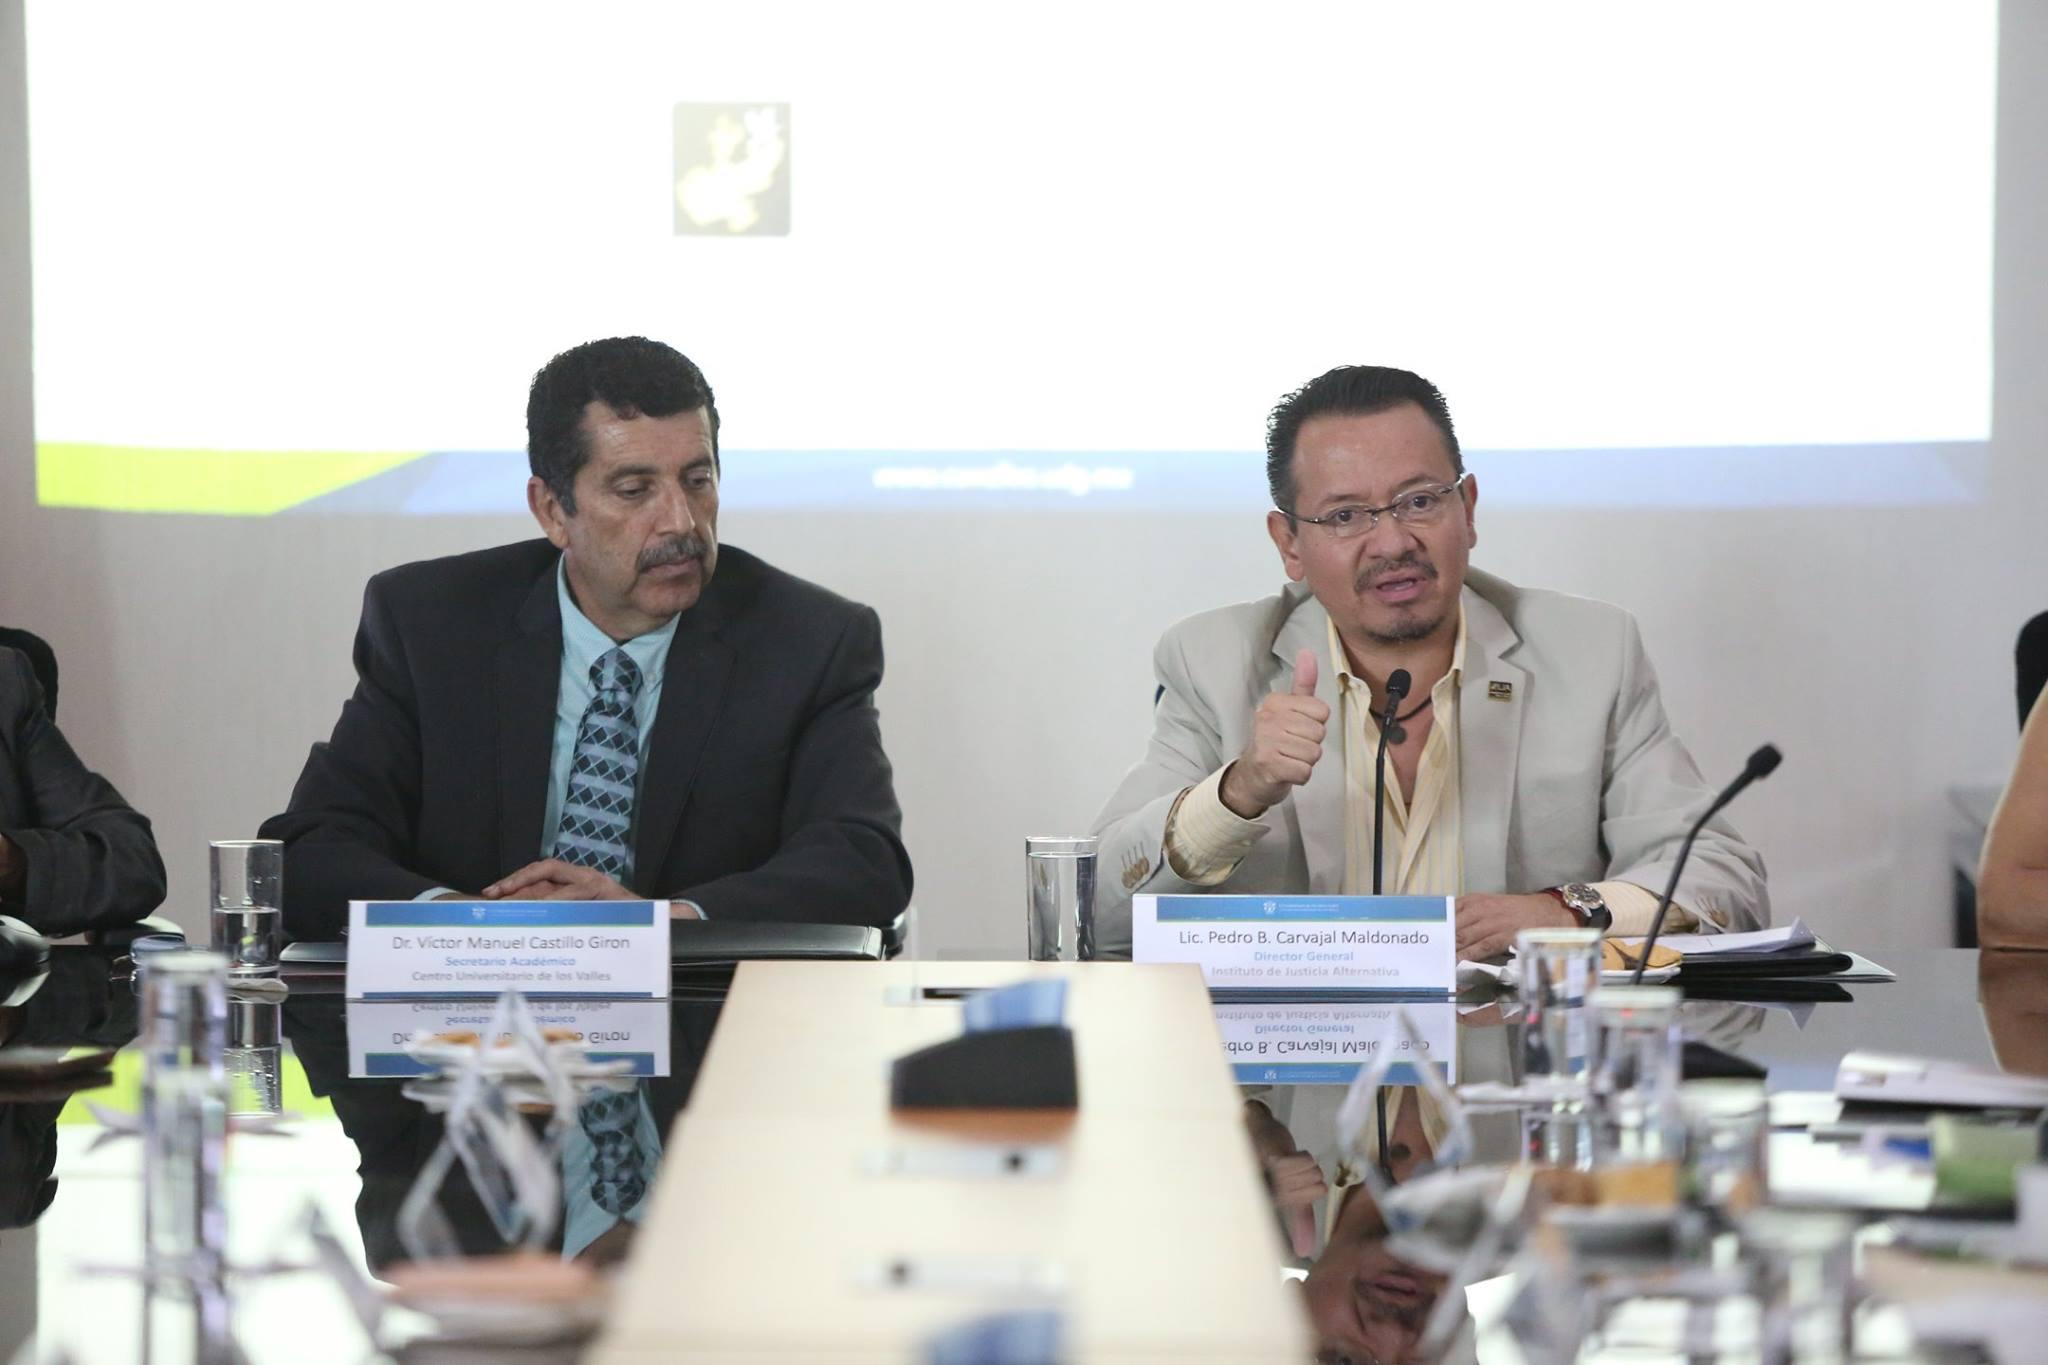 El director general del IJA y el Secretario Académico del CUValles